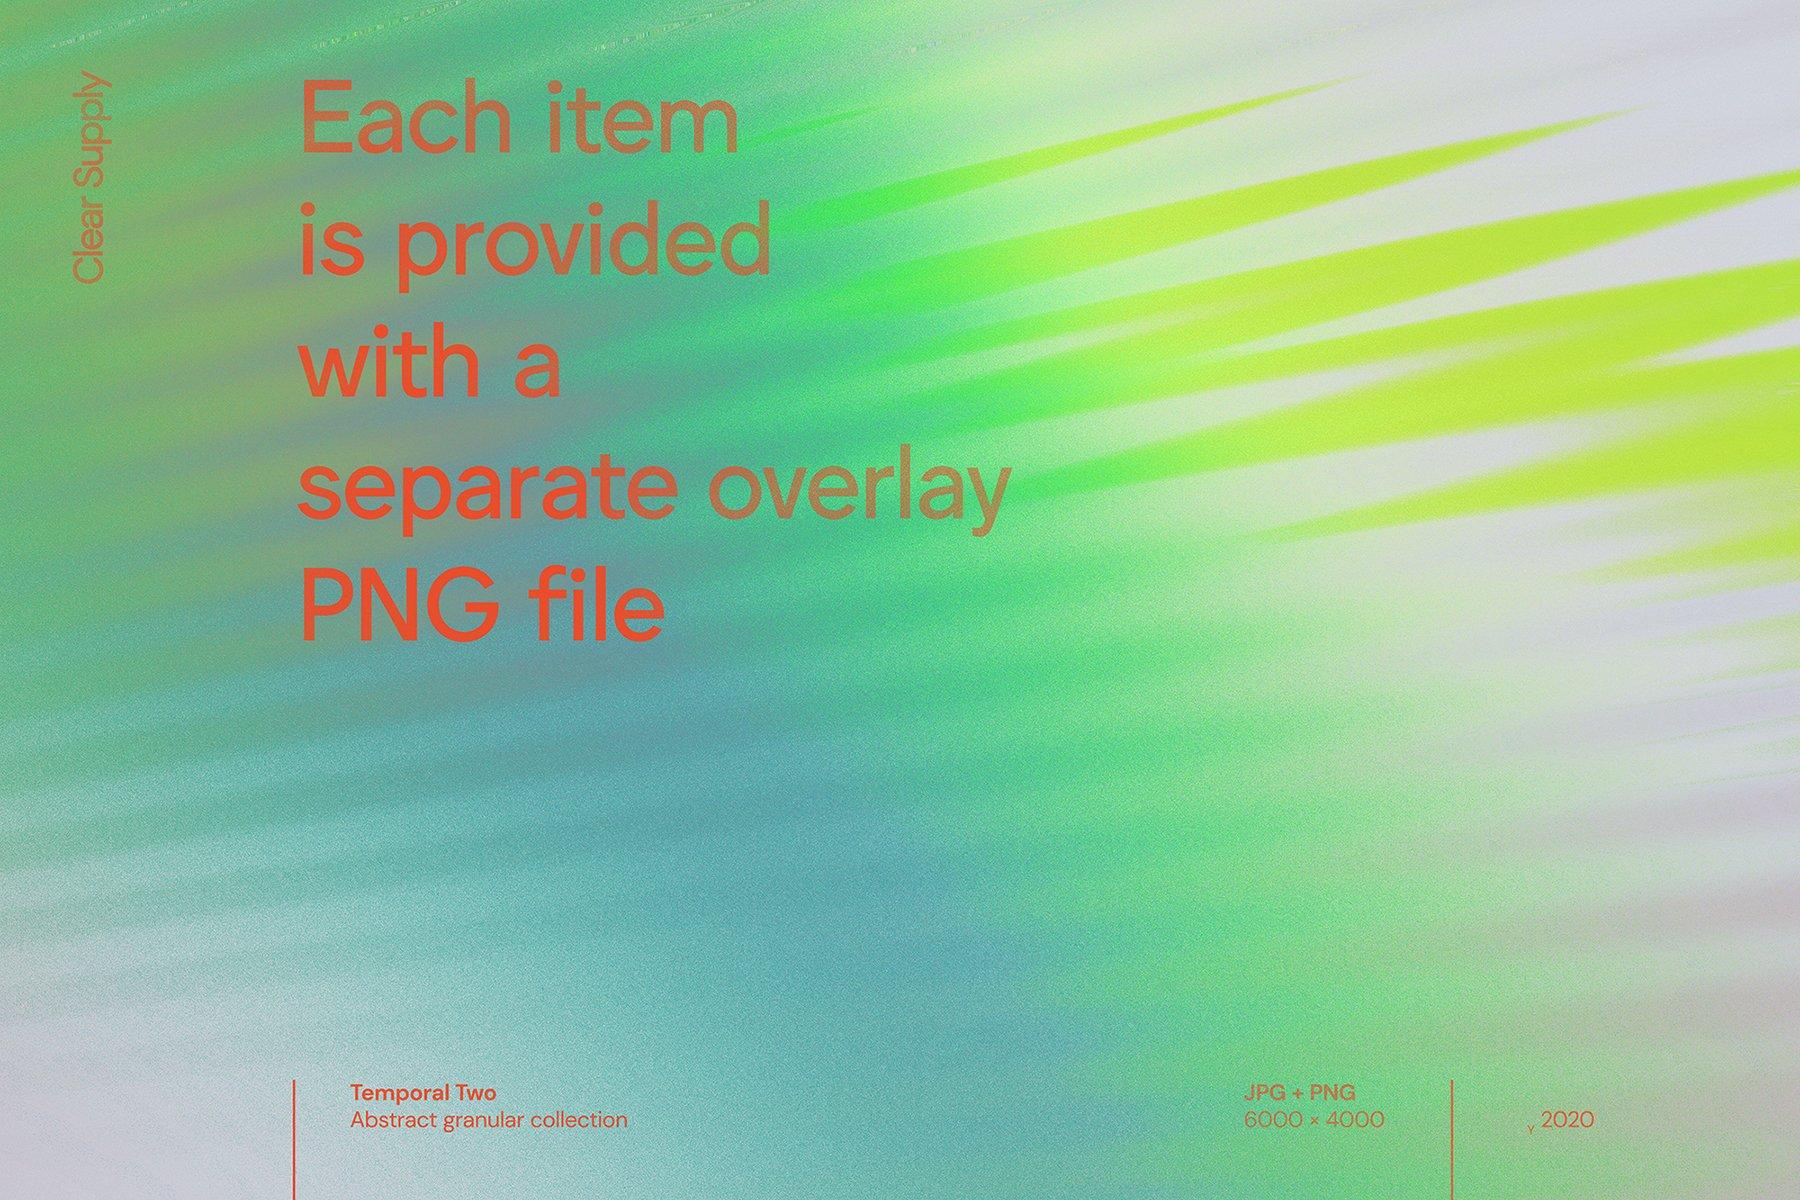 14款高清炫彩抽象艺术动感模糊渐变海报背景图片素材 Clear Supply – Temporal Two插图10